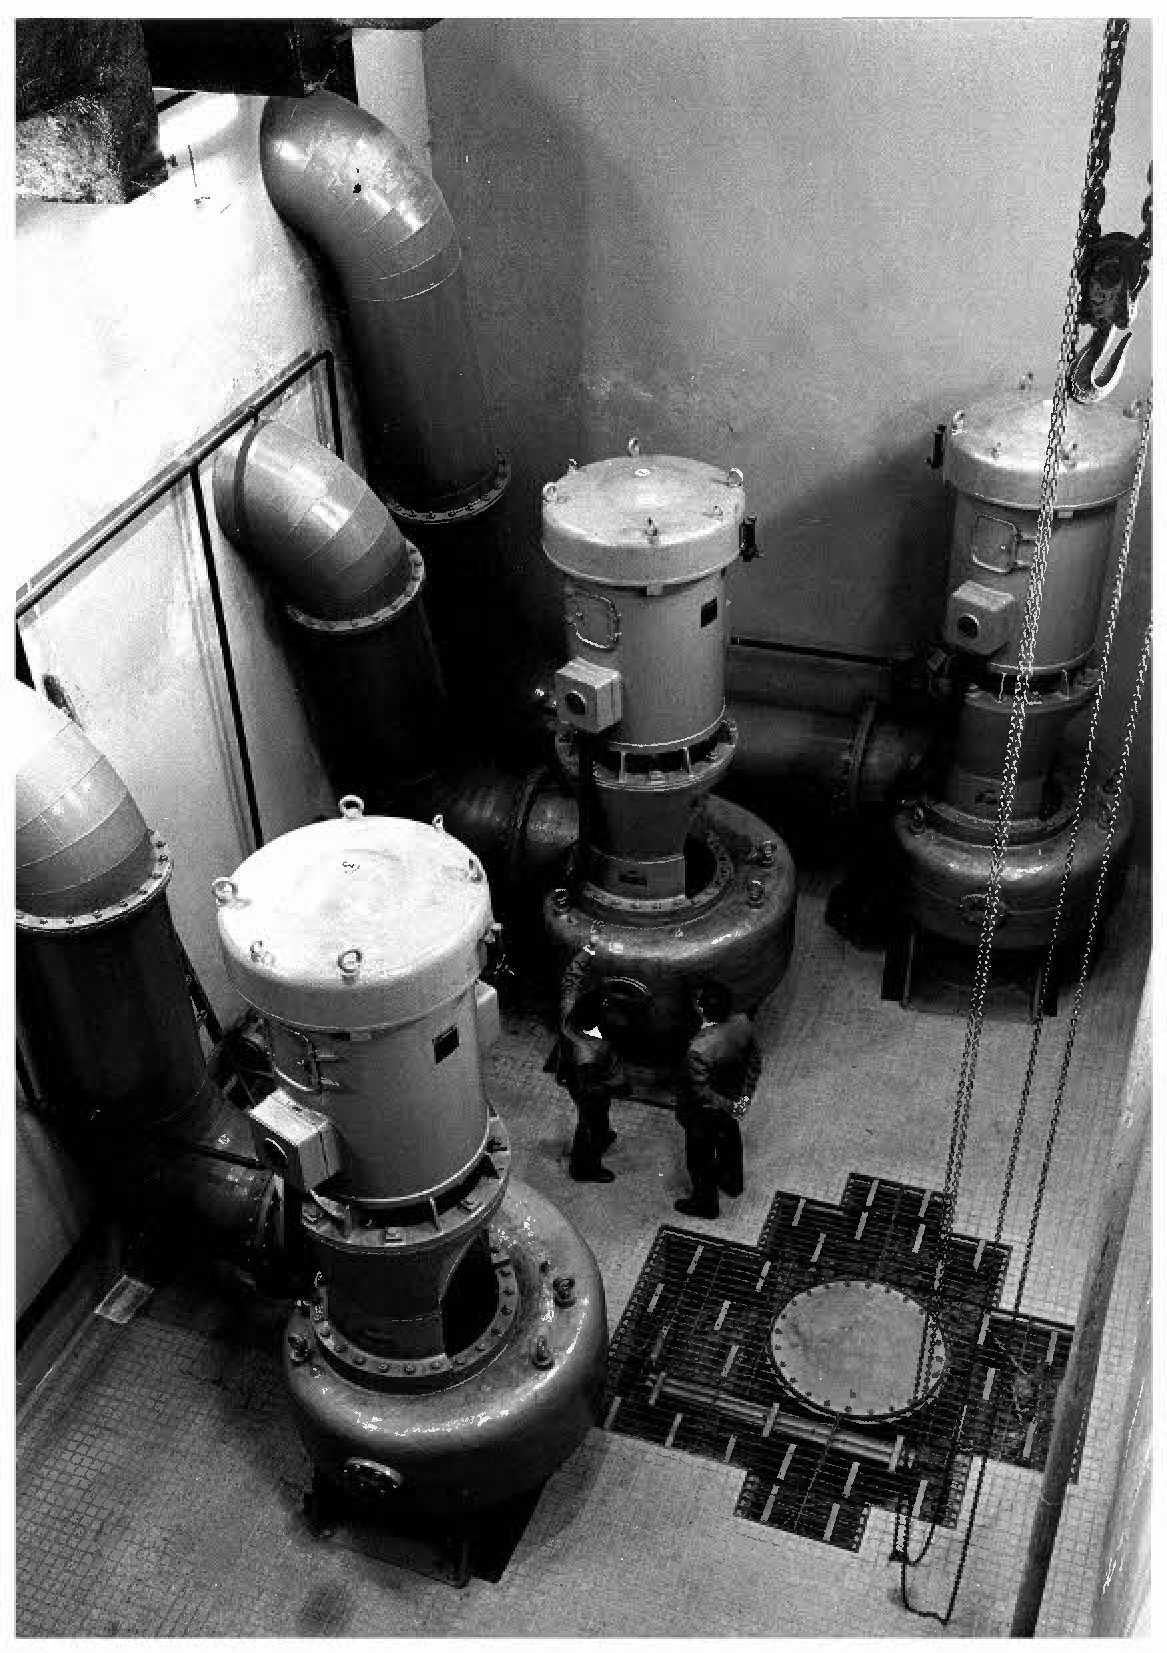 Historia del agua en Abengoa